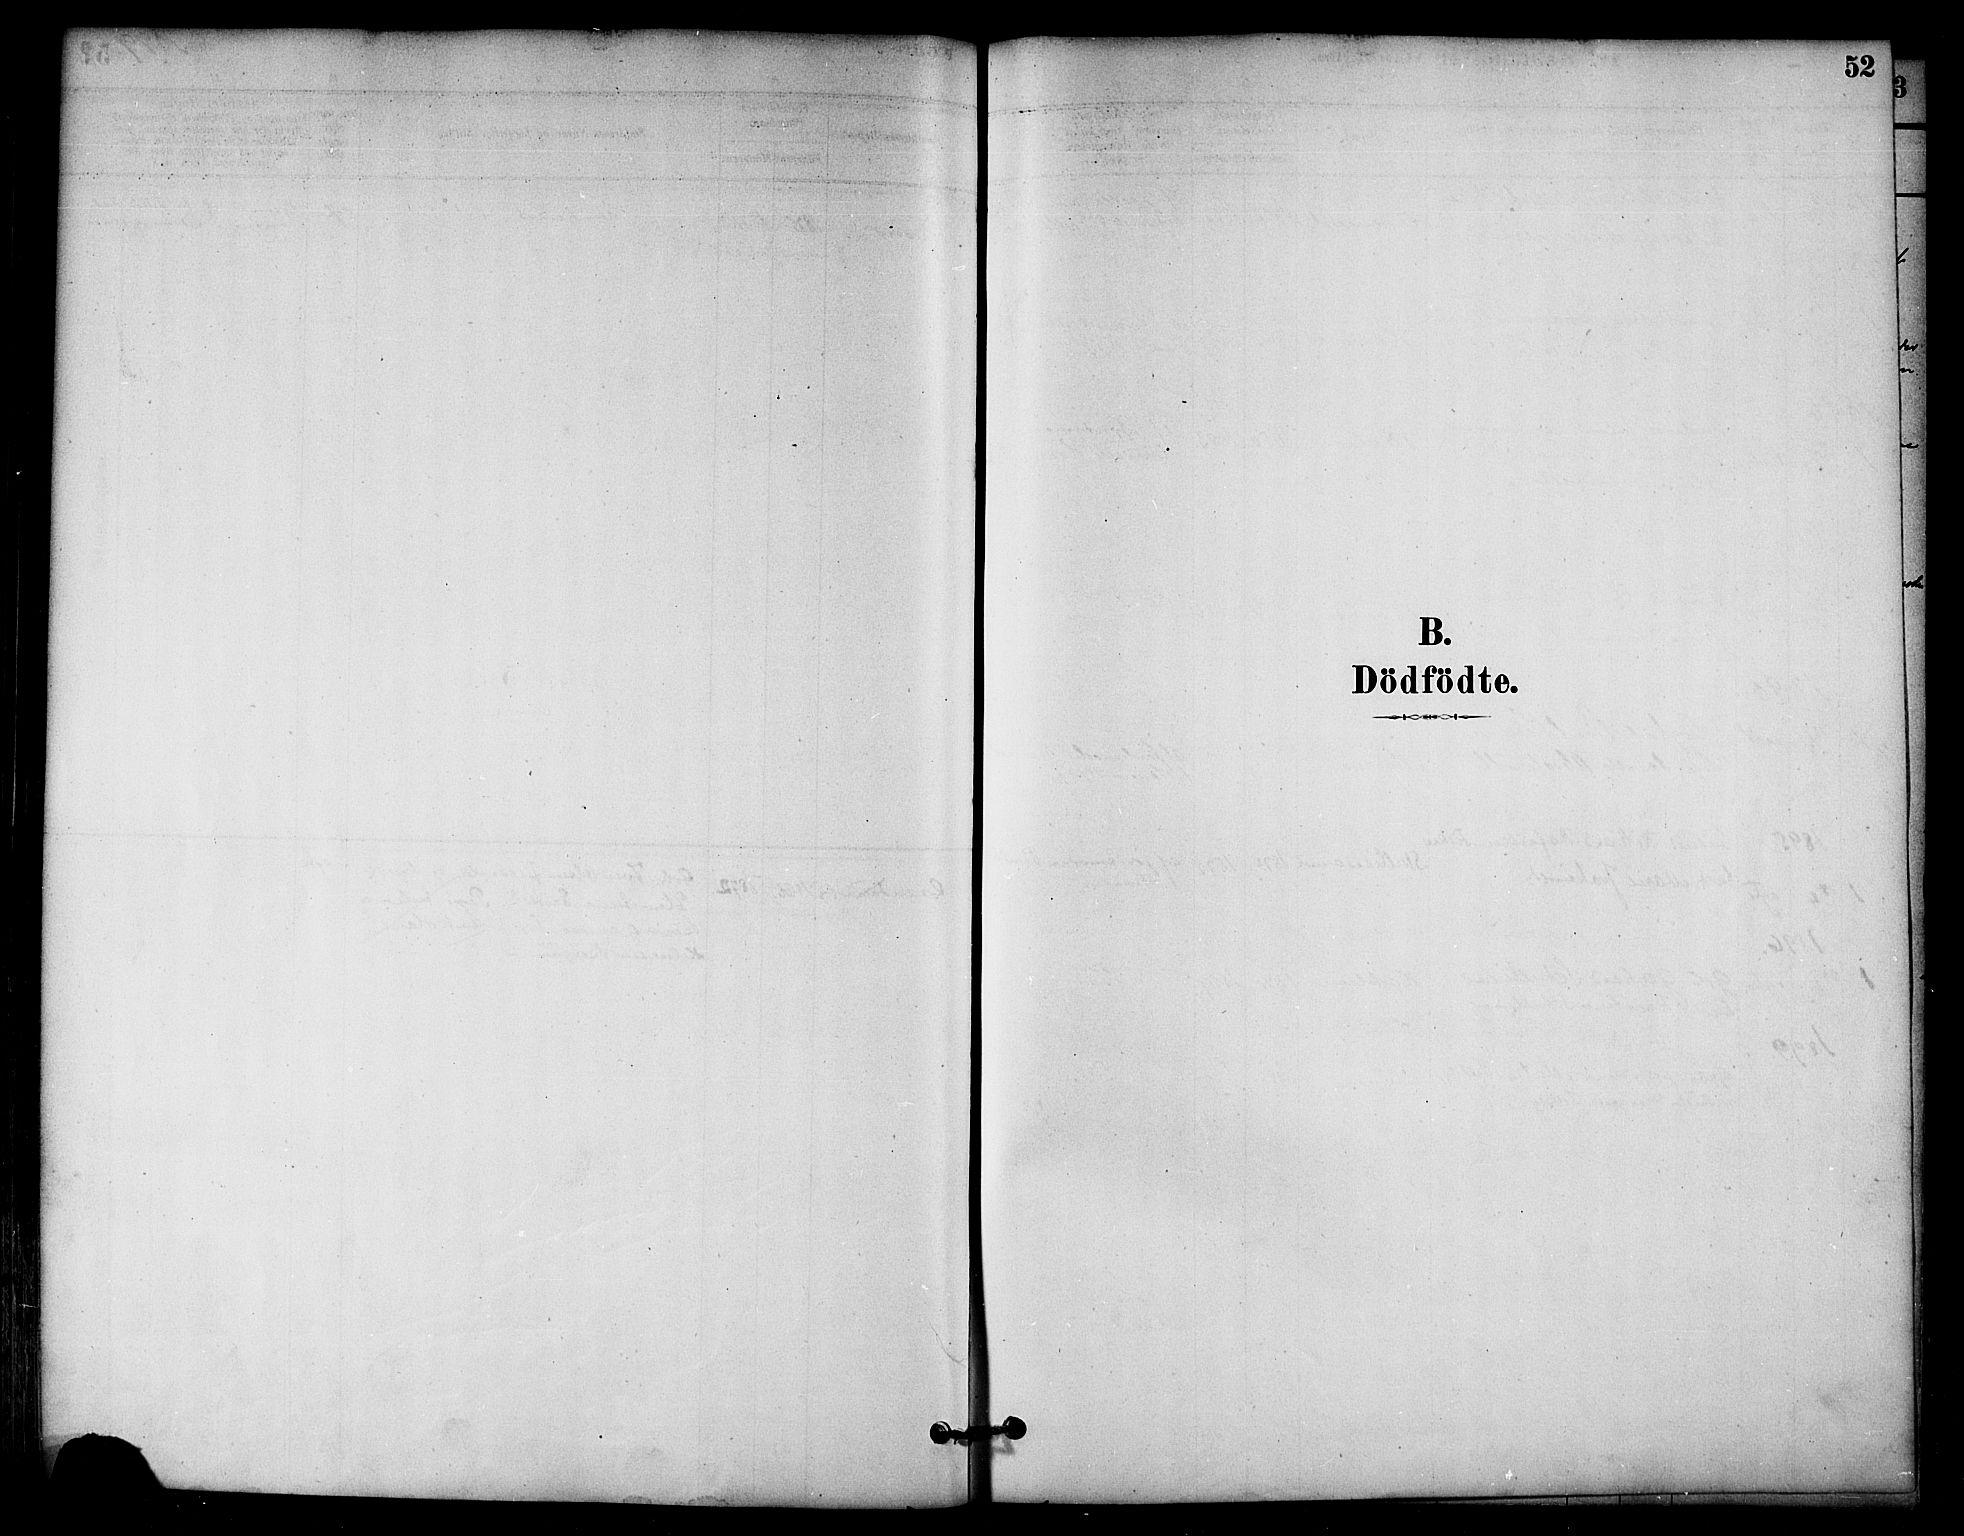 SAT, Ministerialprotokoller, klokkerbøker og fødselsregistre - Nord-Trøndelag, 766/L0563: Ministerialbok nr. 767A01, 1881-1899, s. 52